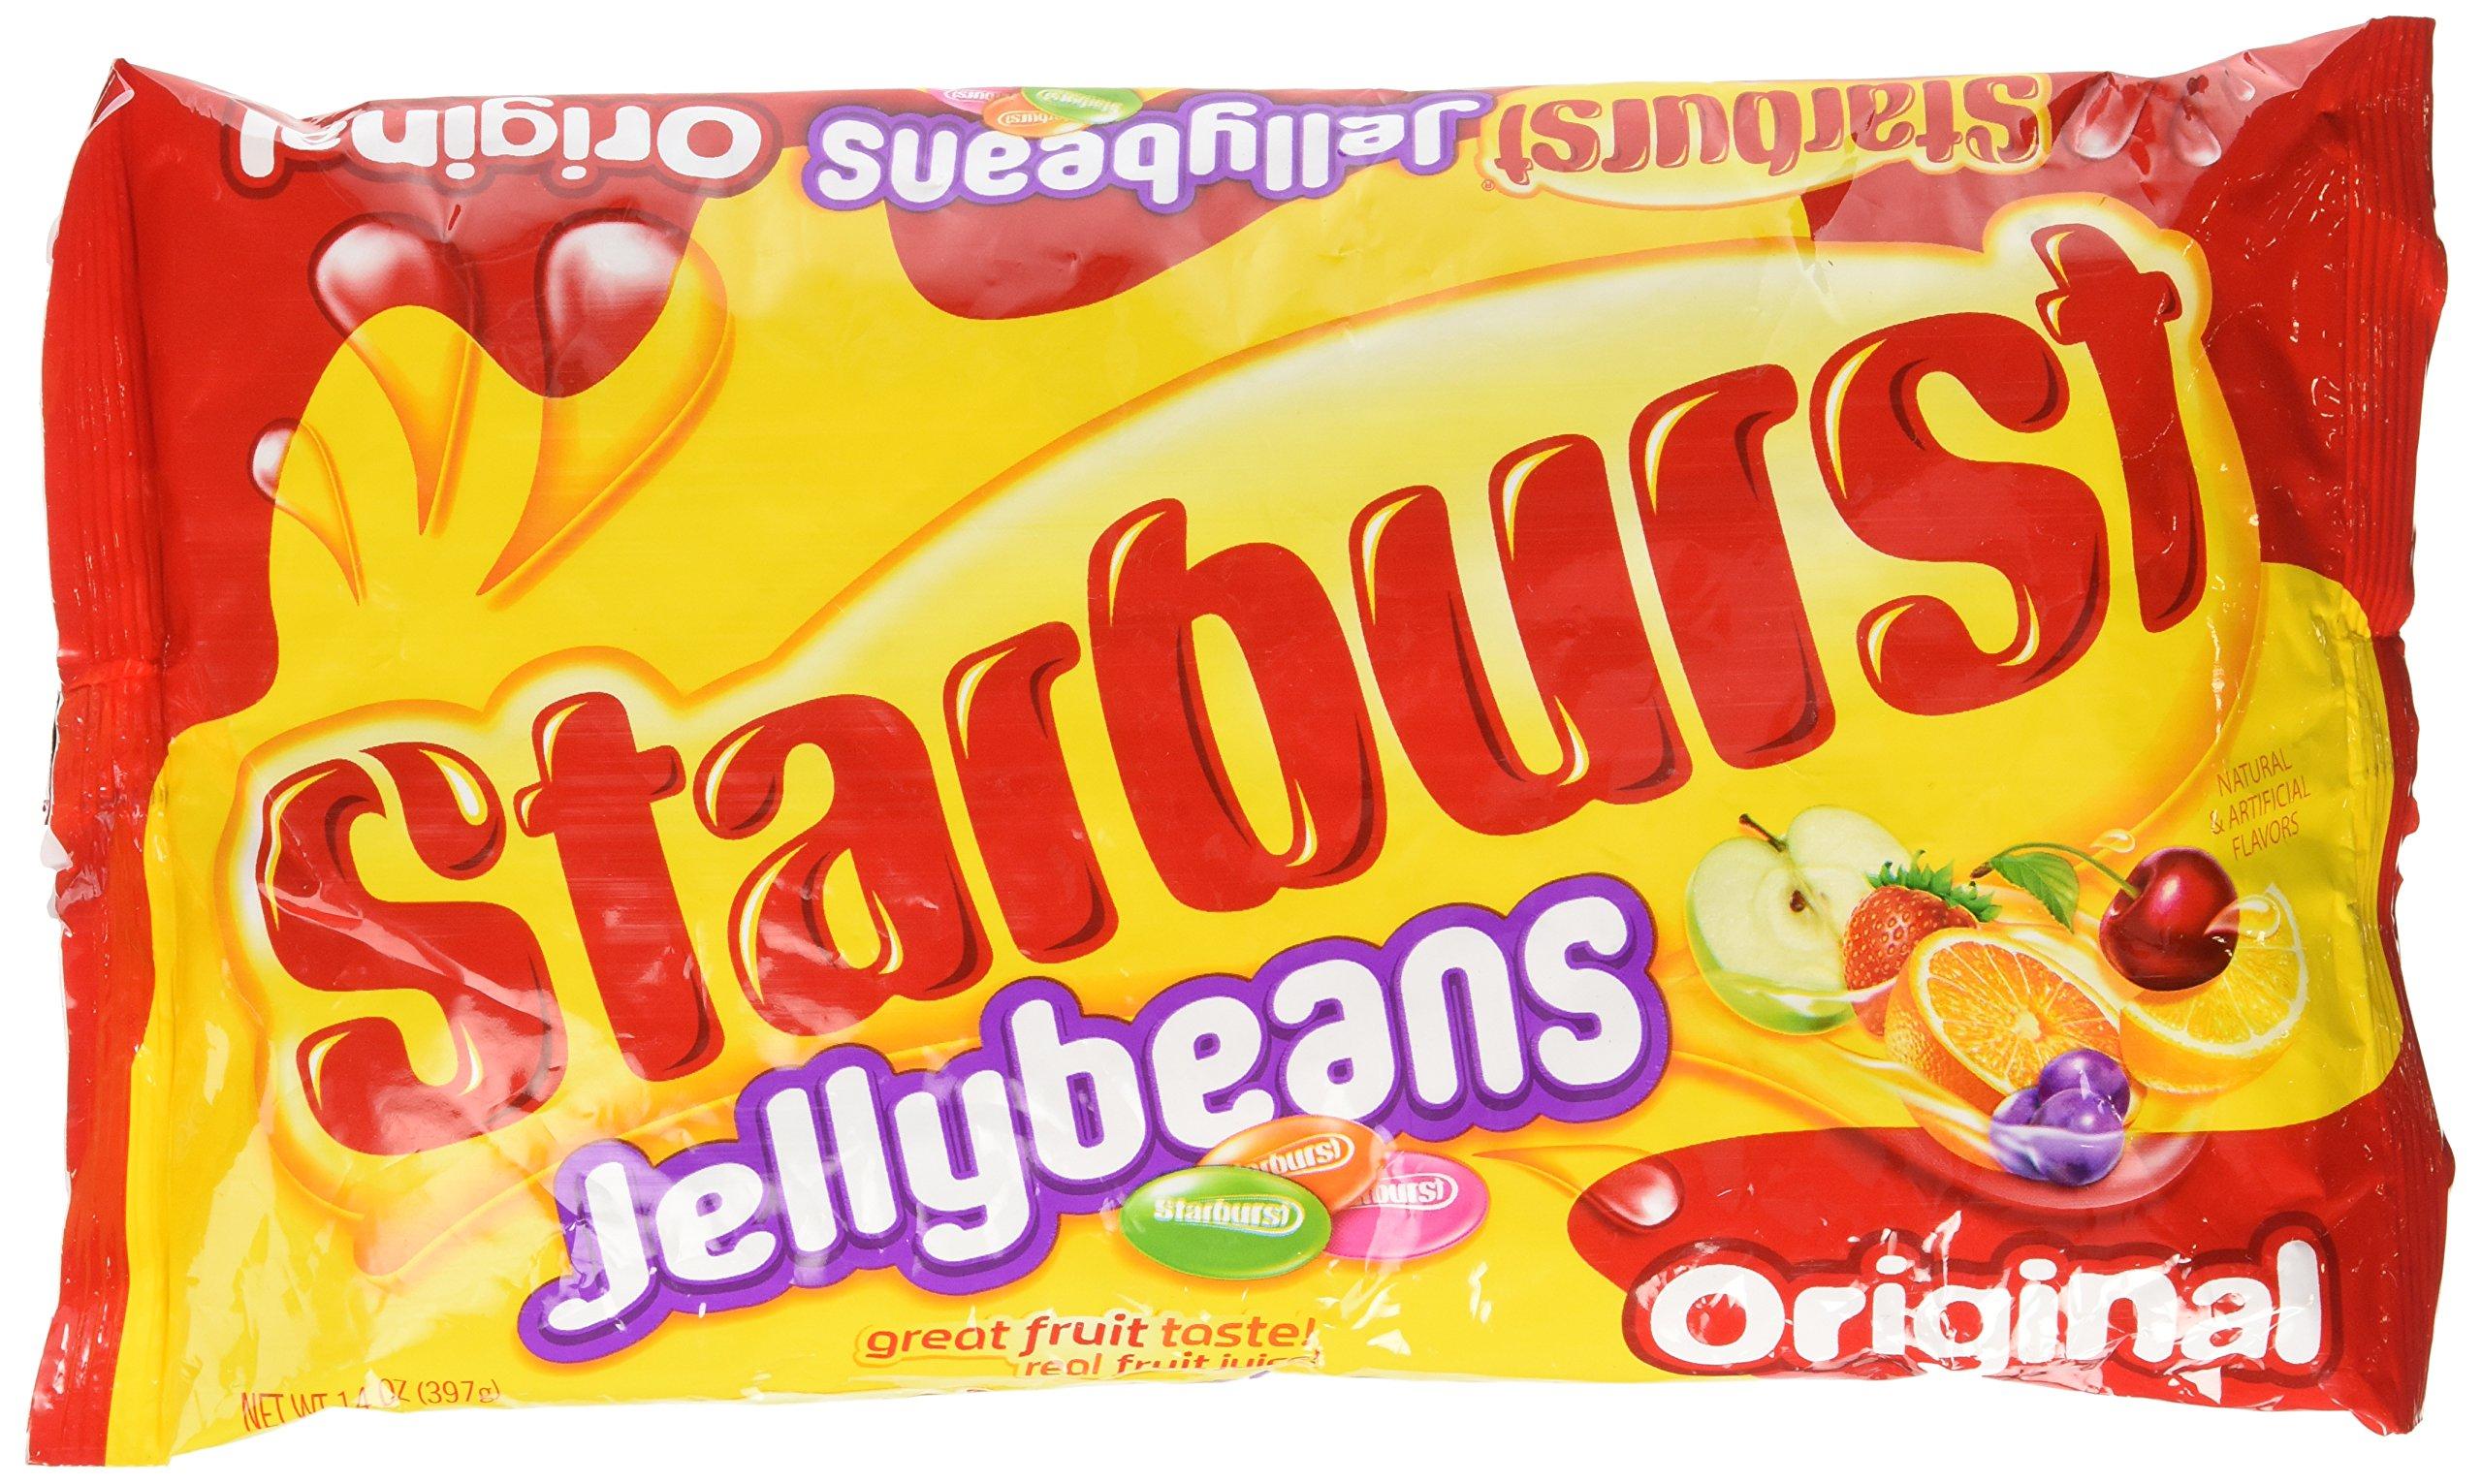 Starburst Jelly Beans, 14 OZ (Pack of 12)